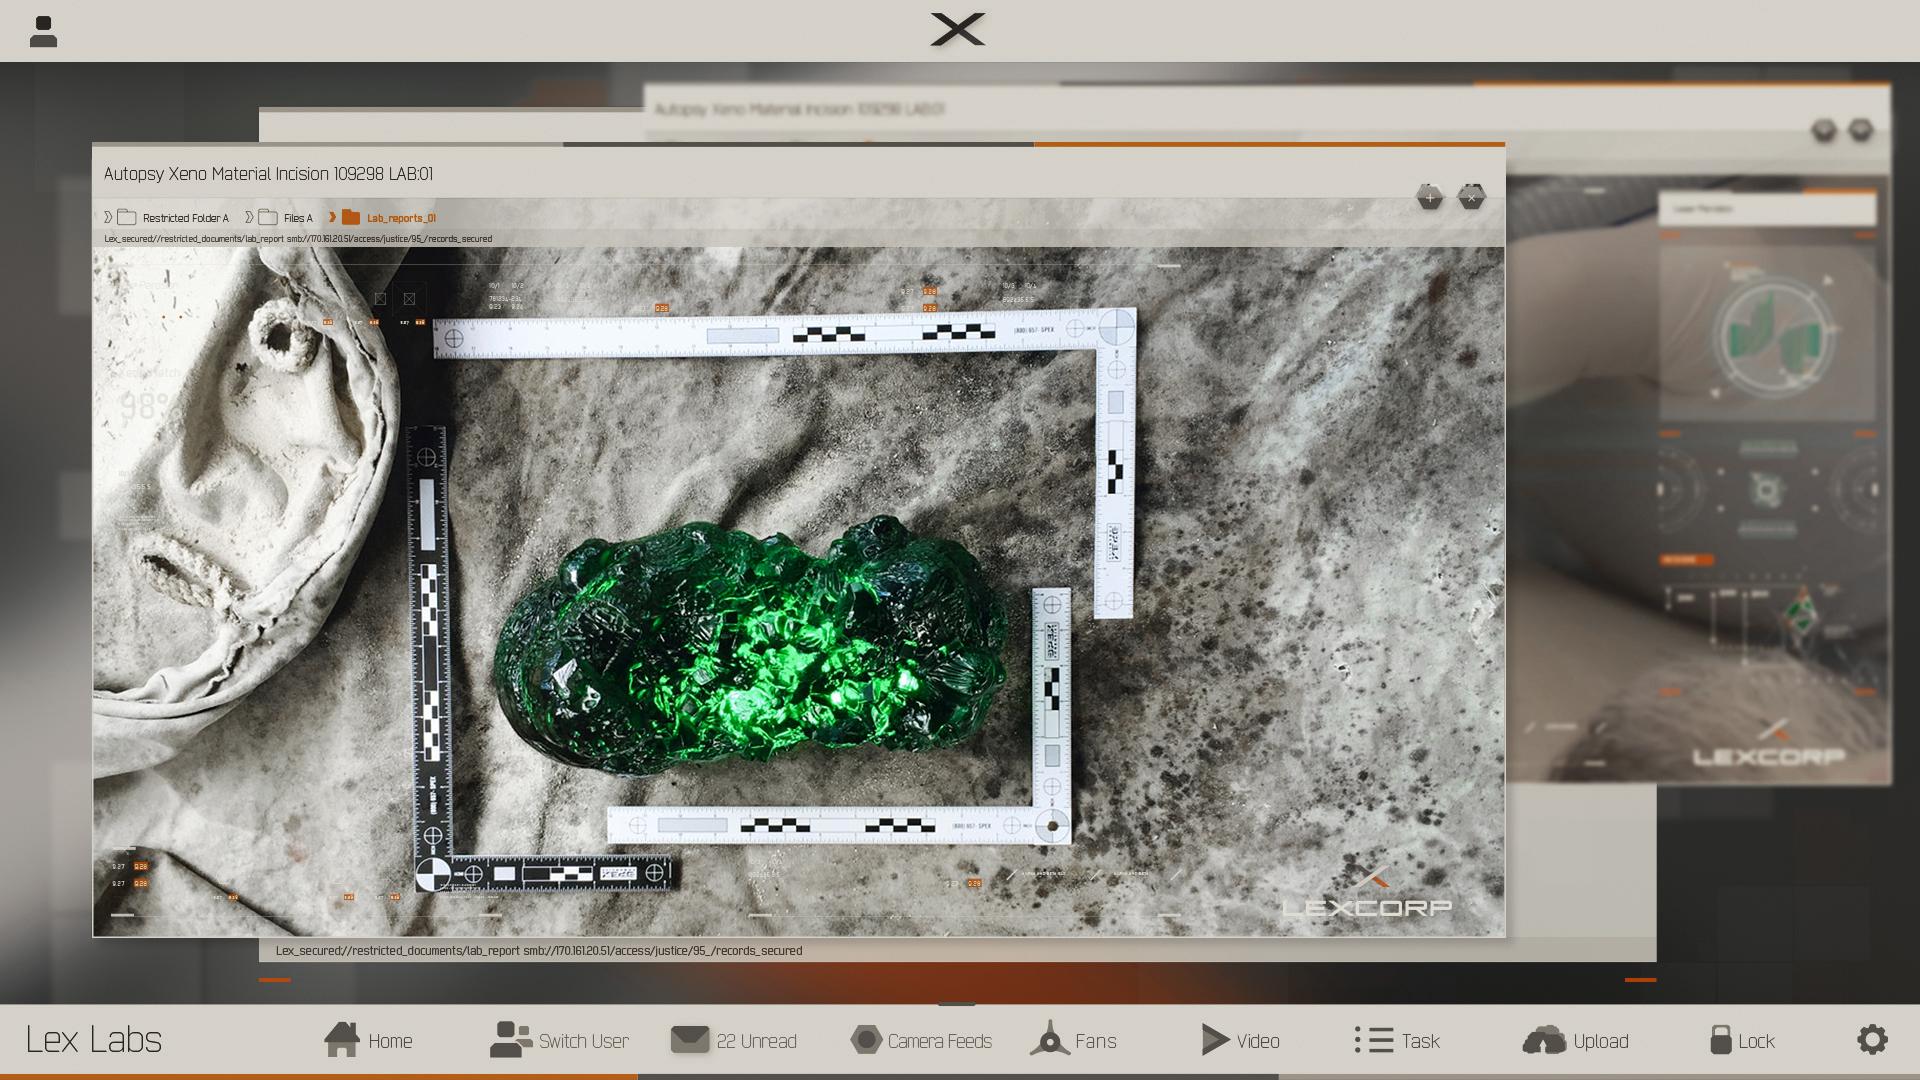 S&M_RP0090_Kryptonite_rock_v11 copy.jpg